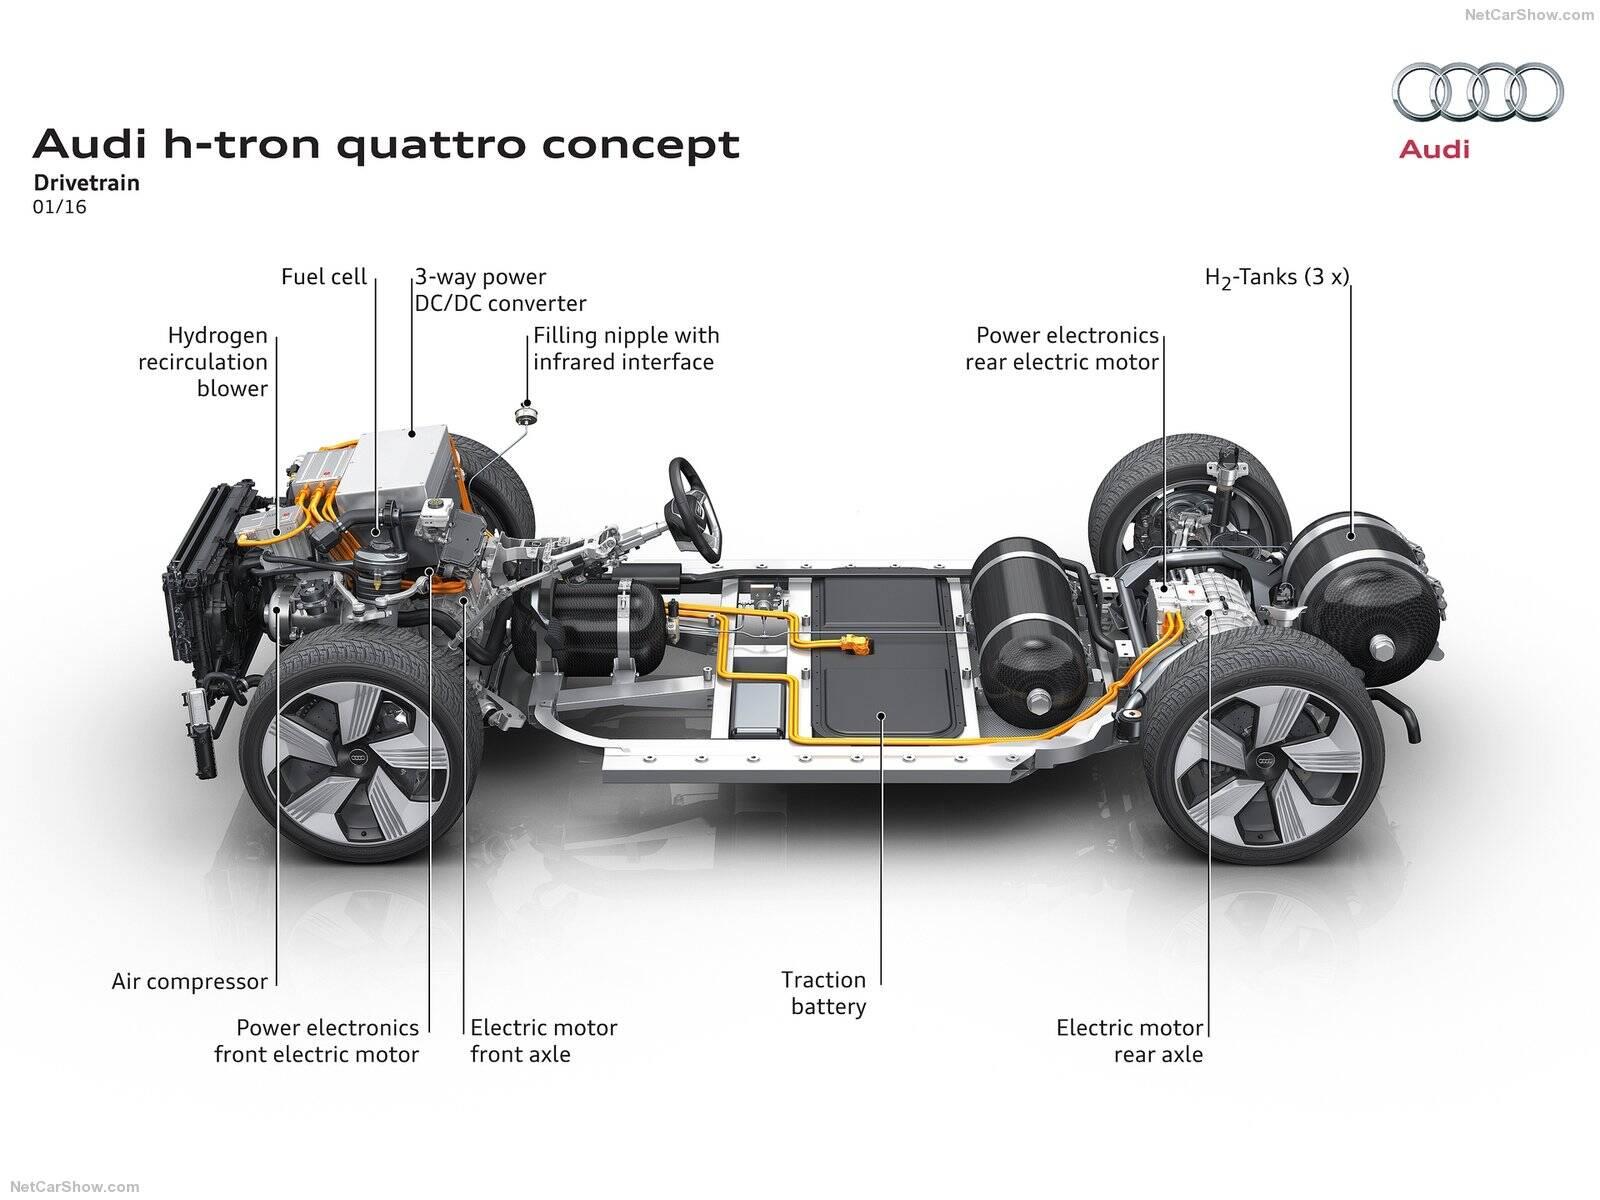 Audi-h-tron_quattro_Concept-2016-1600-0e